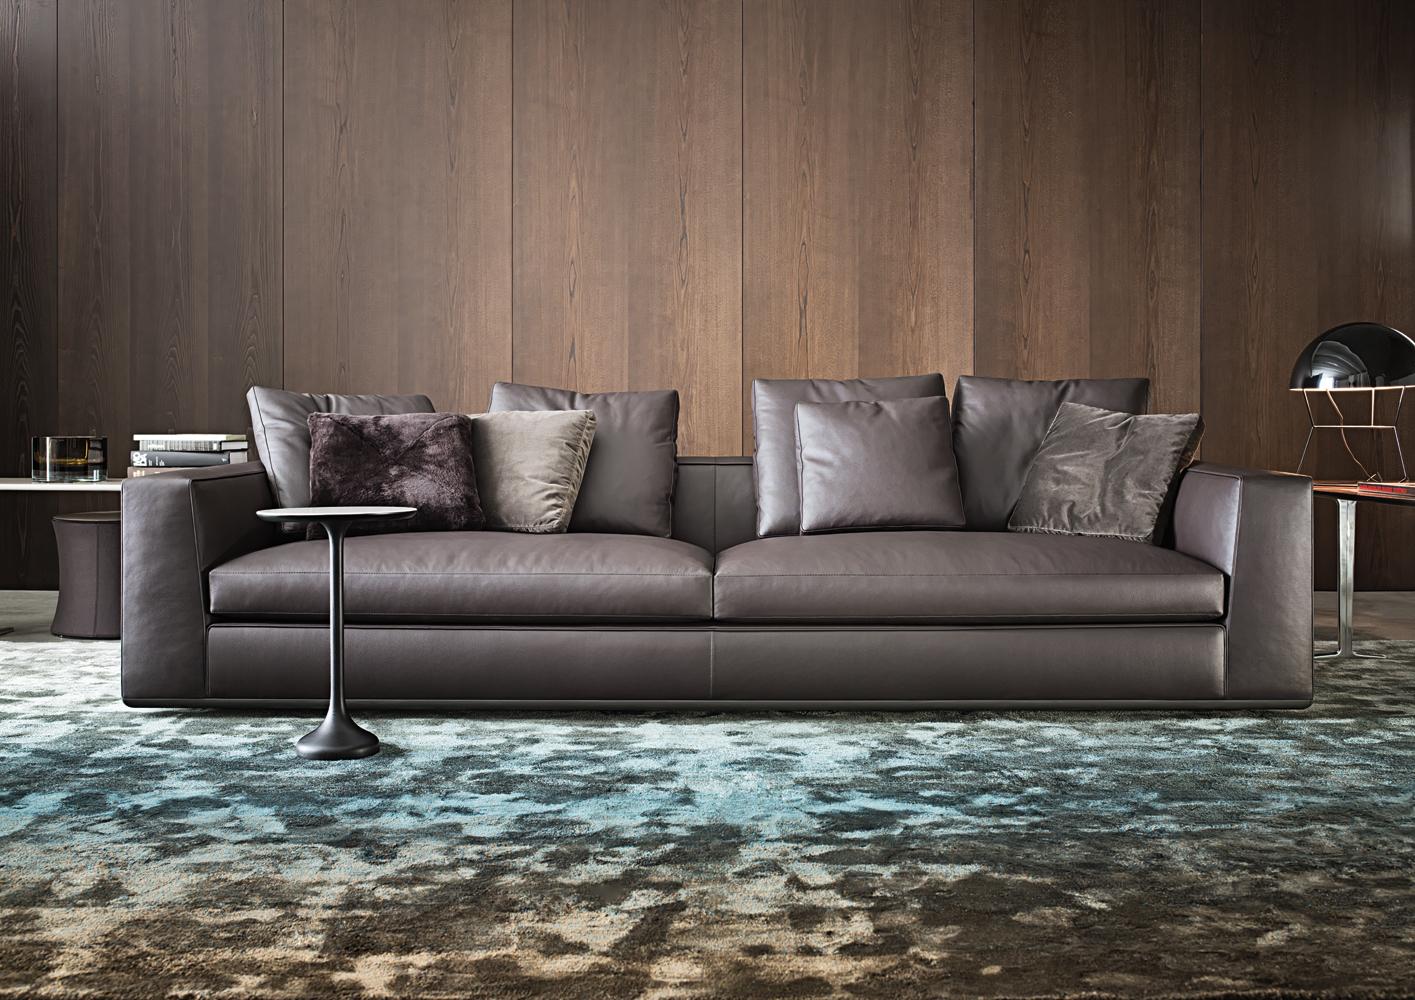 Powell di minotti divani e poltrone arredamento - Divano color prugna ...